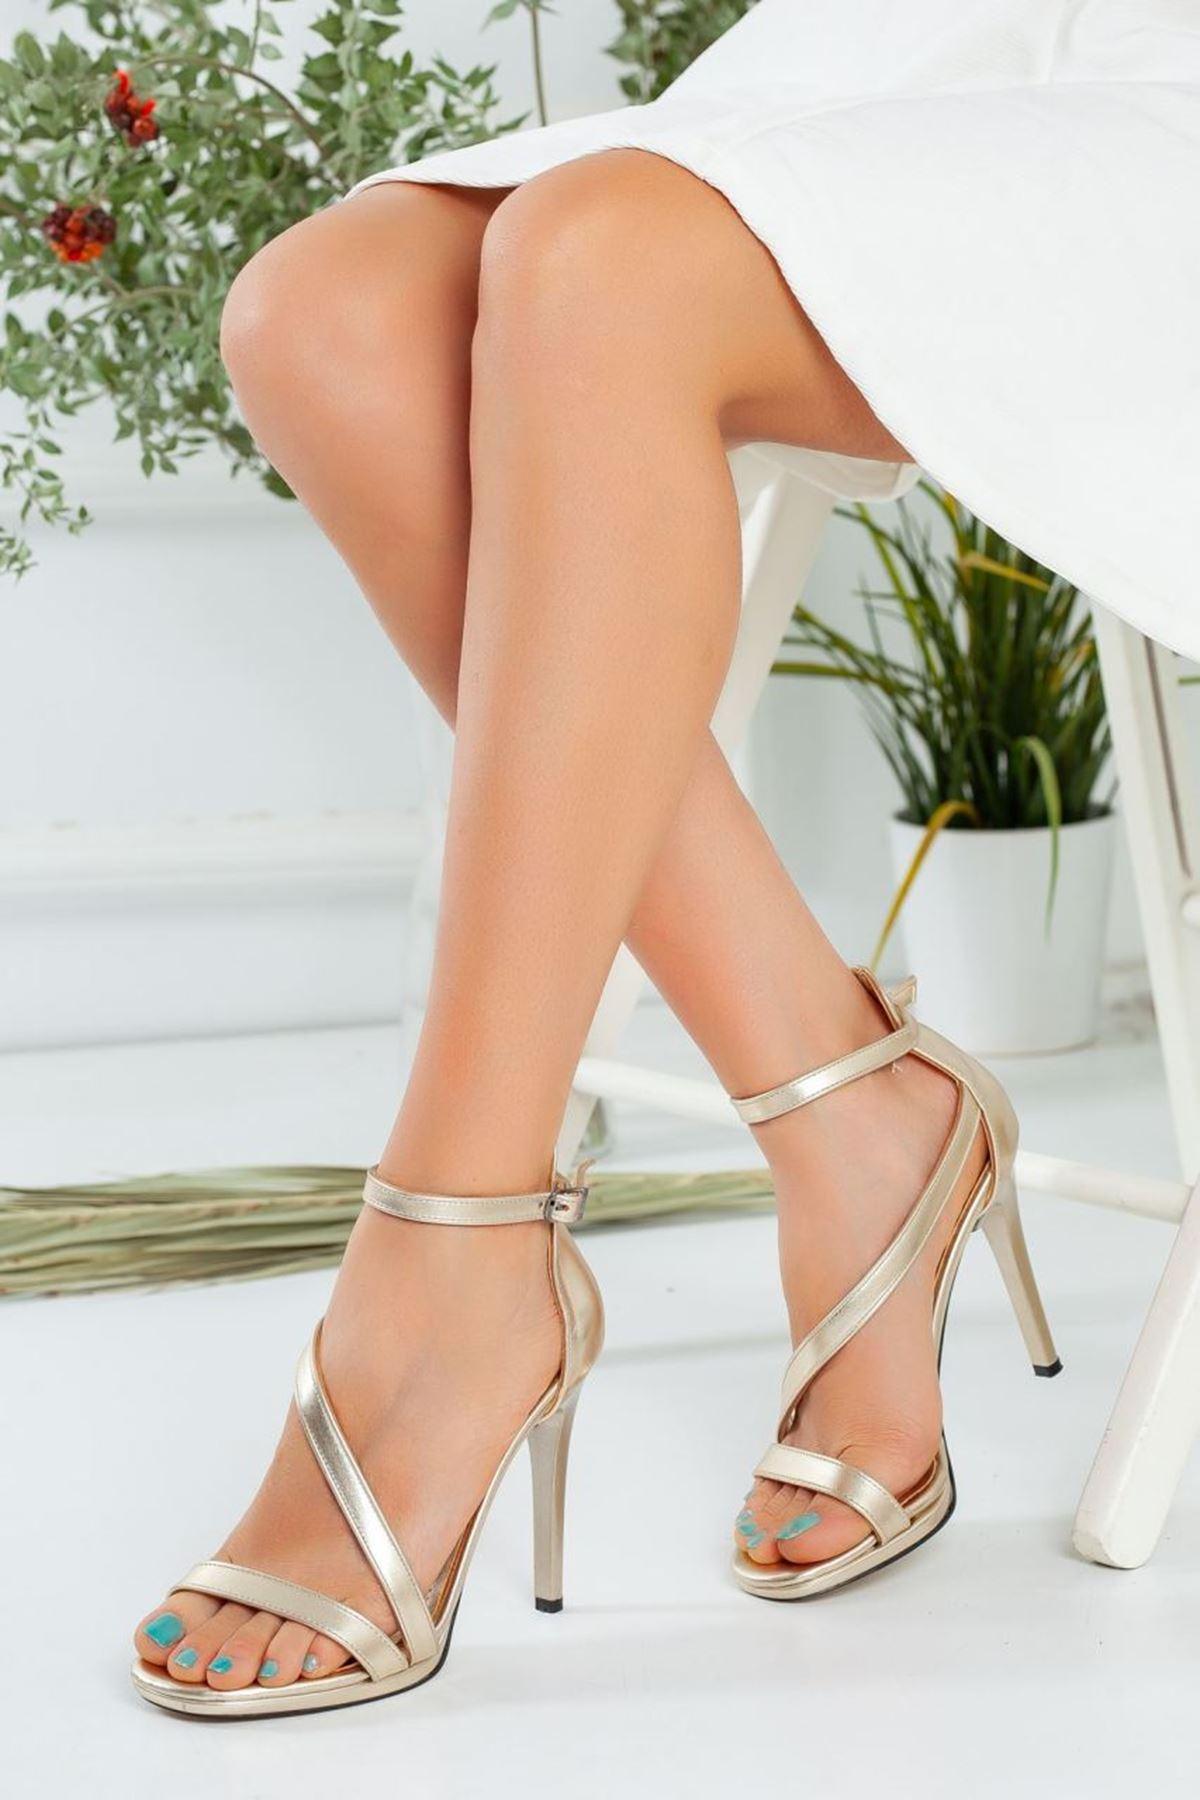 Kadın Camils  Çapraz Bant Detayı Yüksek Topuklu Ayakkabı Metalik Dore